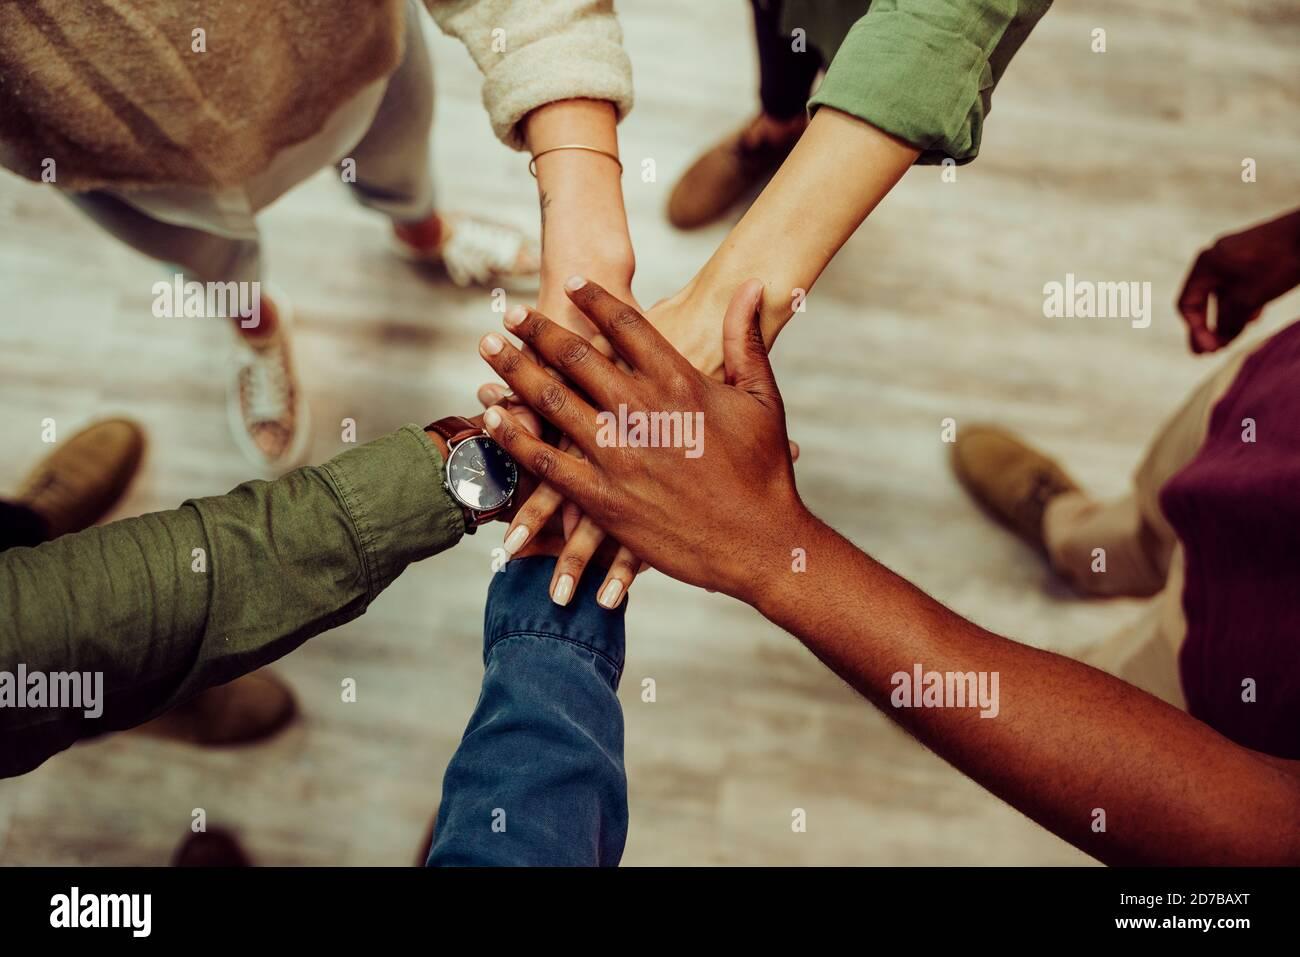 El grupo de negocios exitoso se apila juntos mostrando unidad y trabajo en equipo. Foto de stock